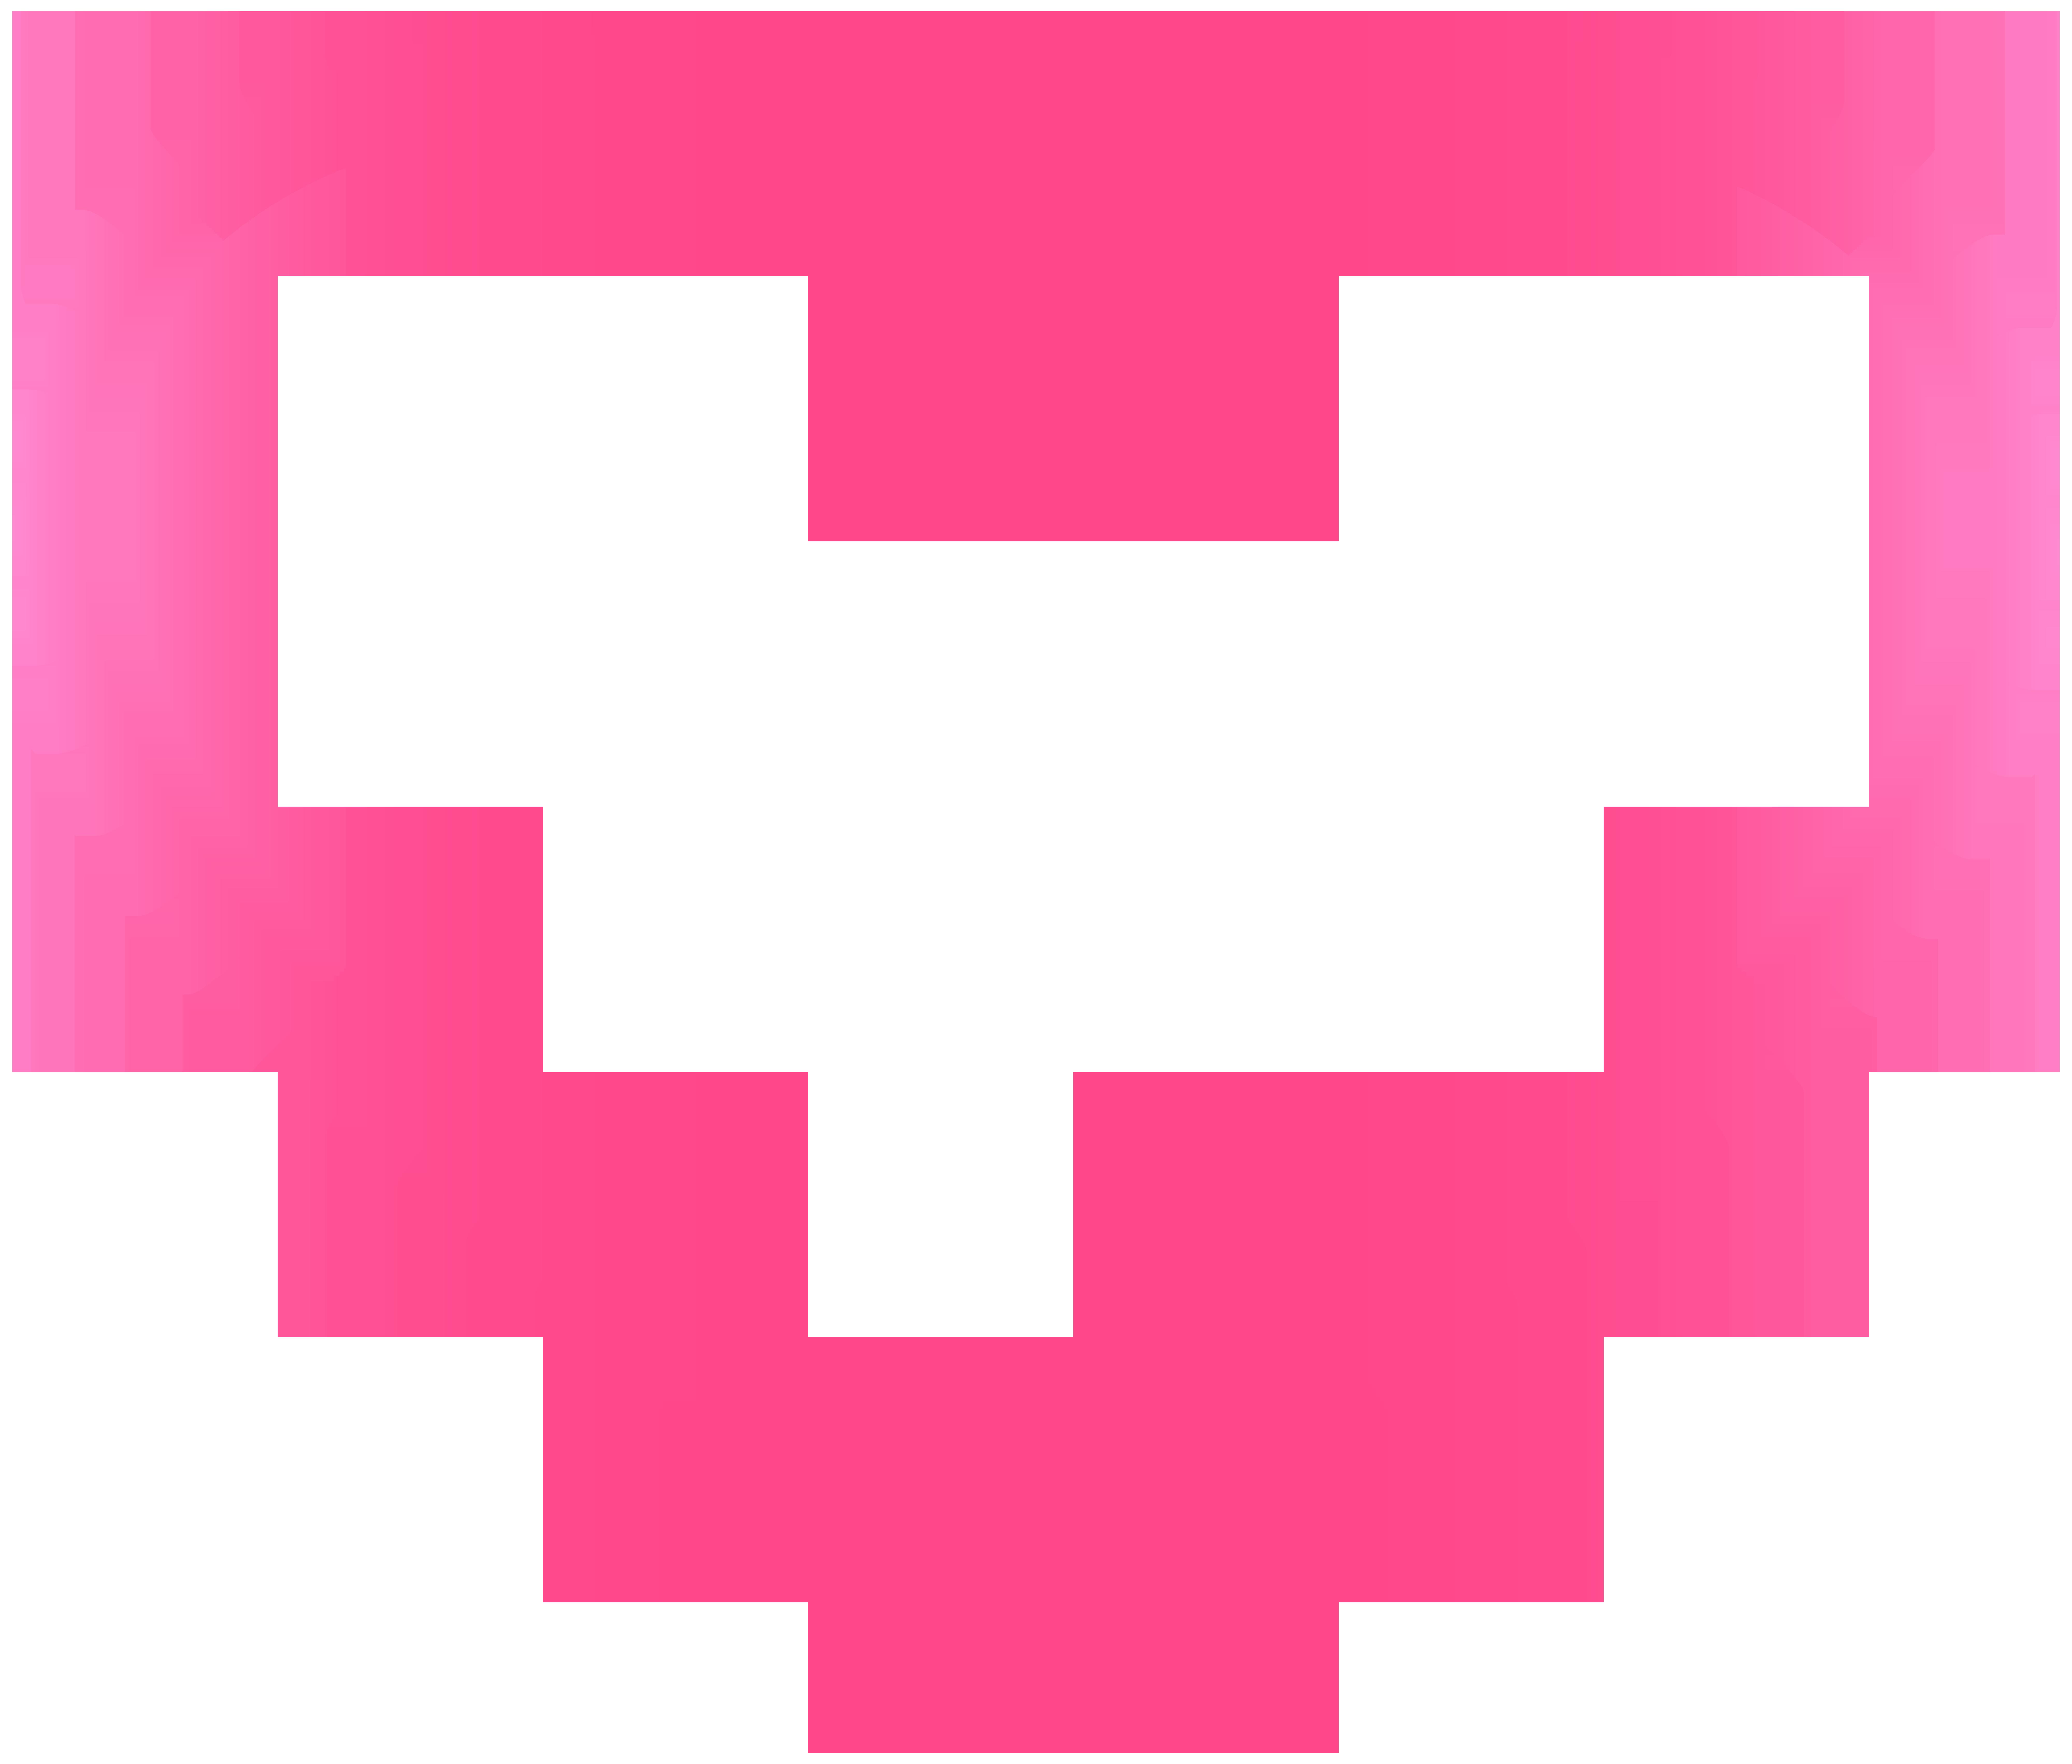 Pink Heart Border Frame Transparent PNG Clip Art.